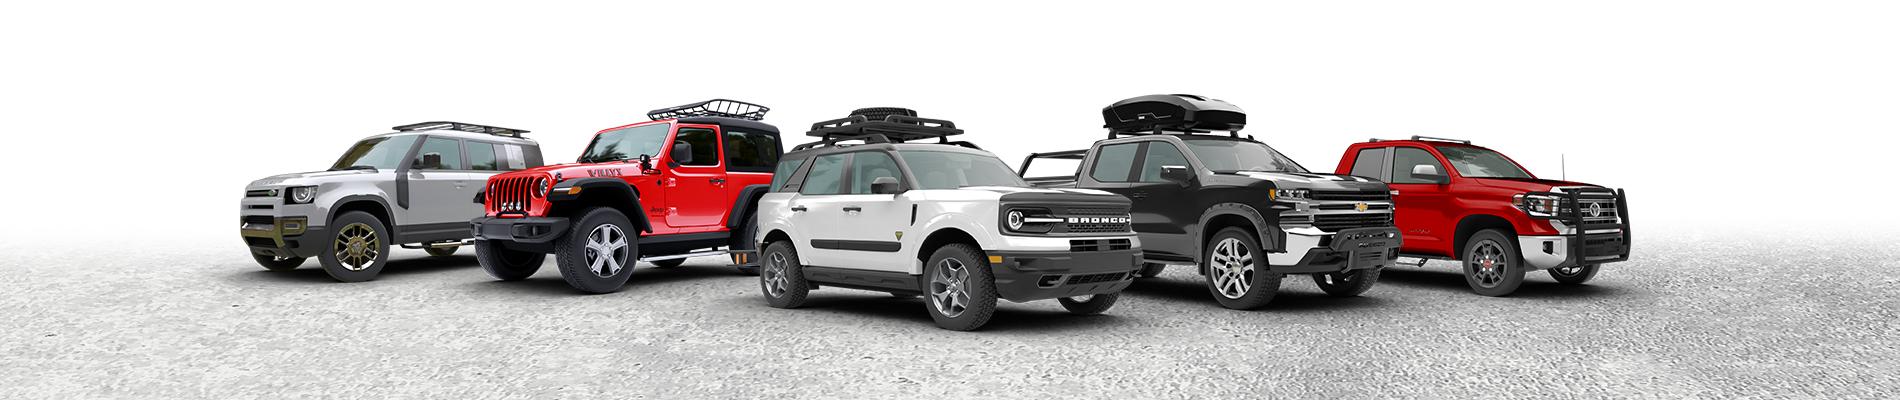 VehicleRenders2a